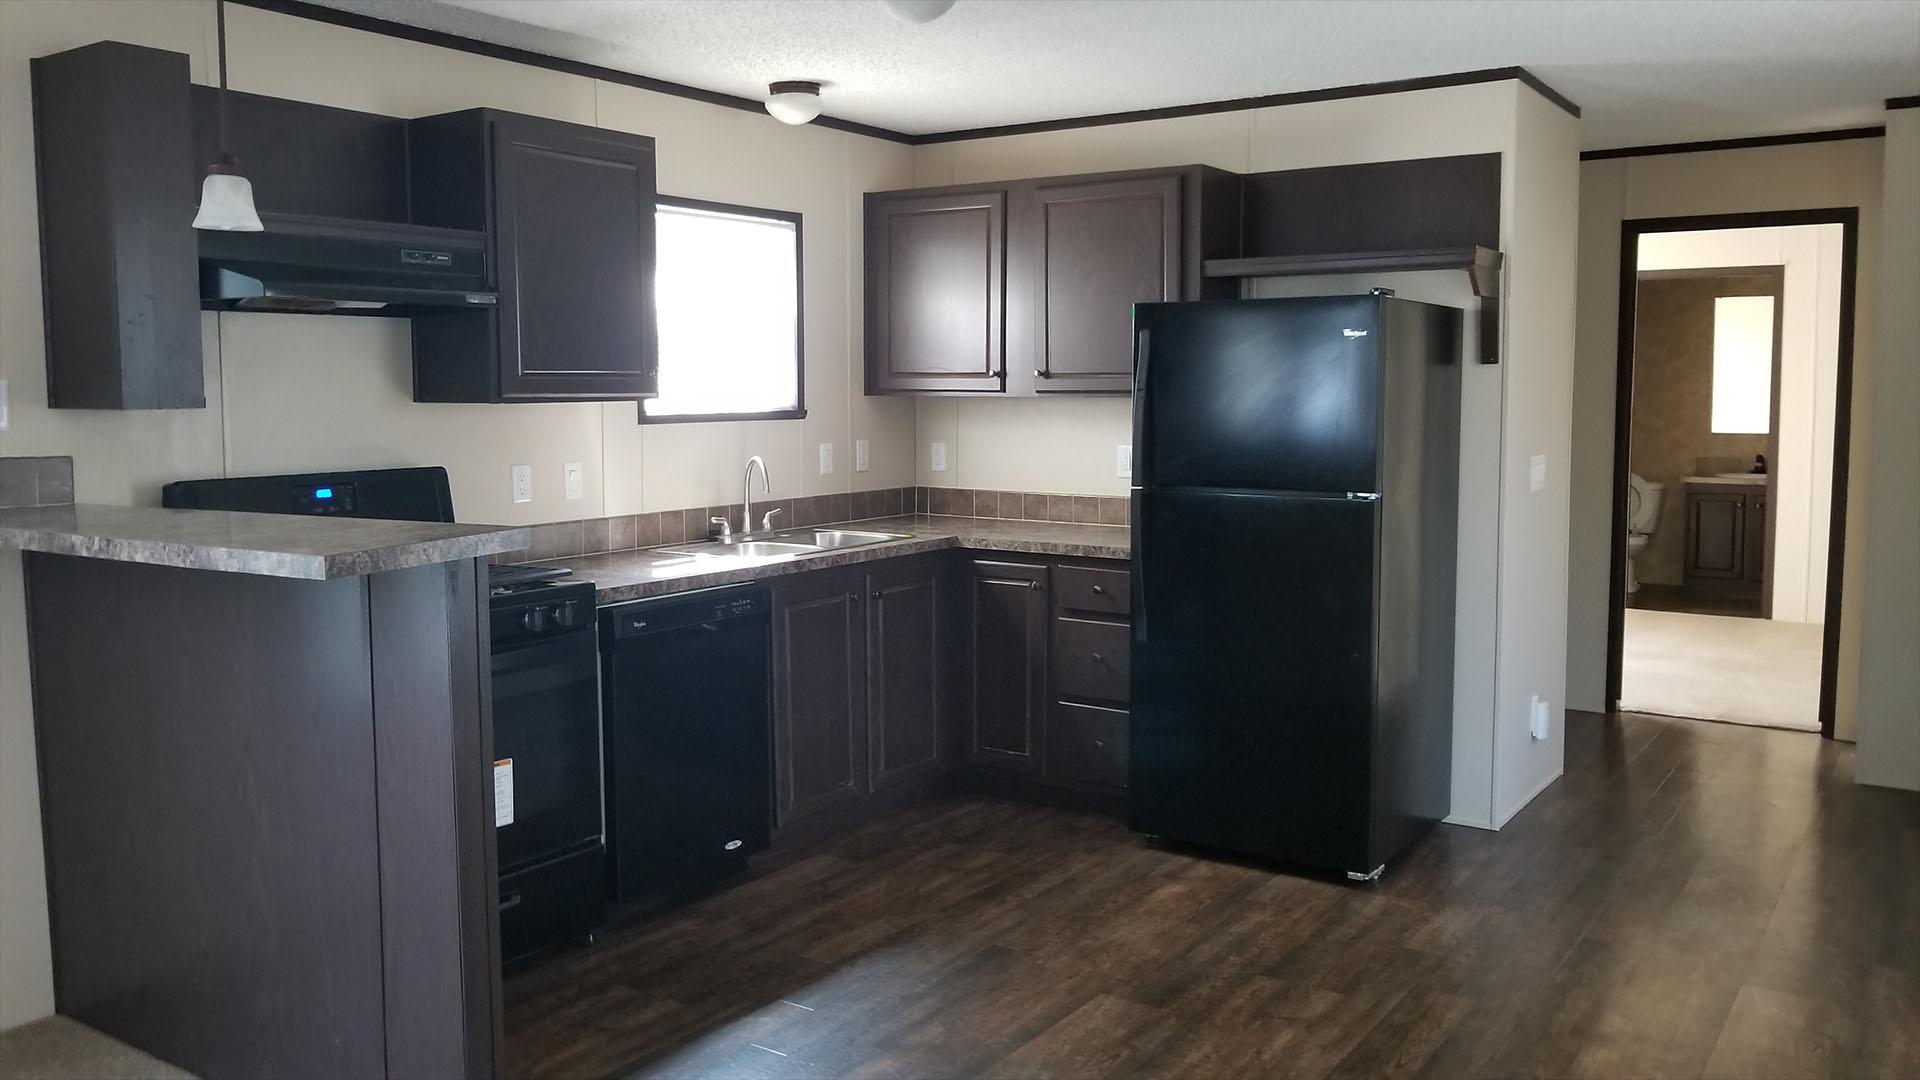 3 Bedroom Home in Cardinal Ridge